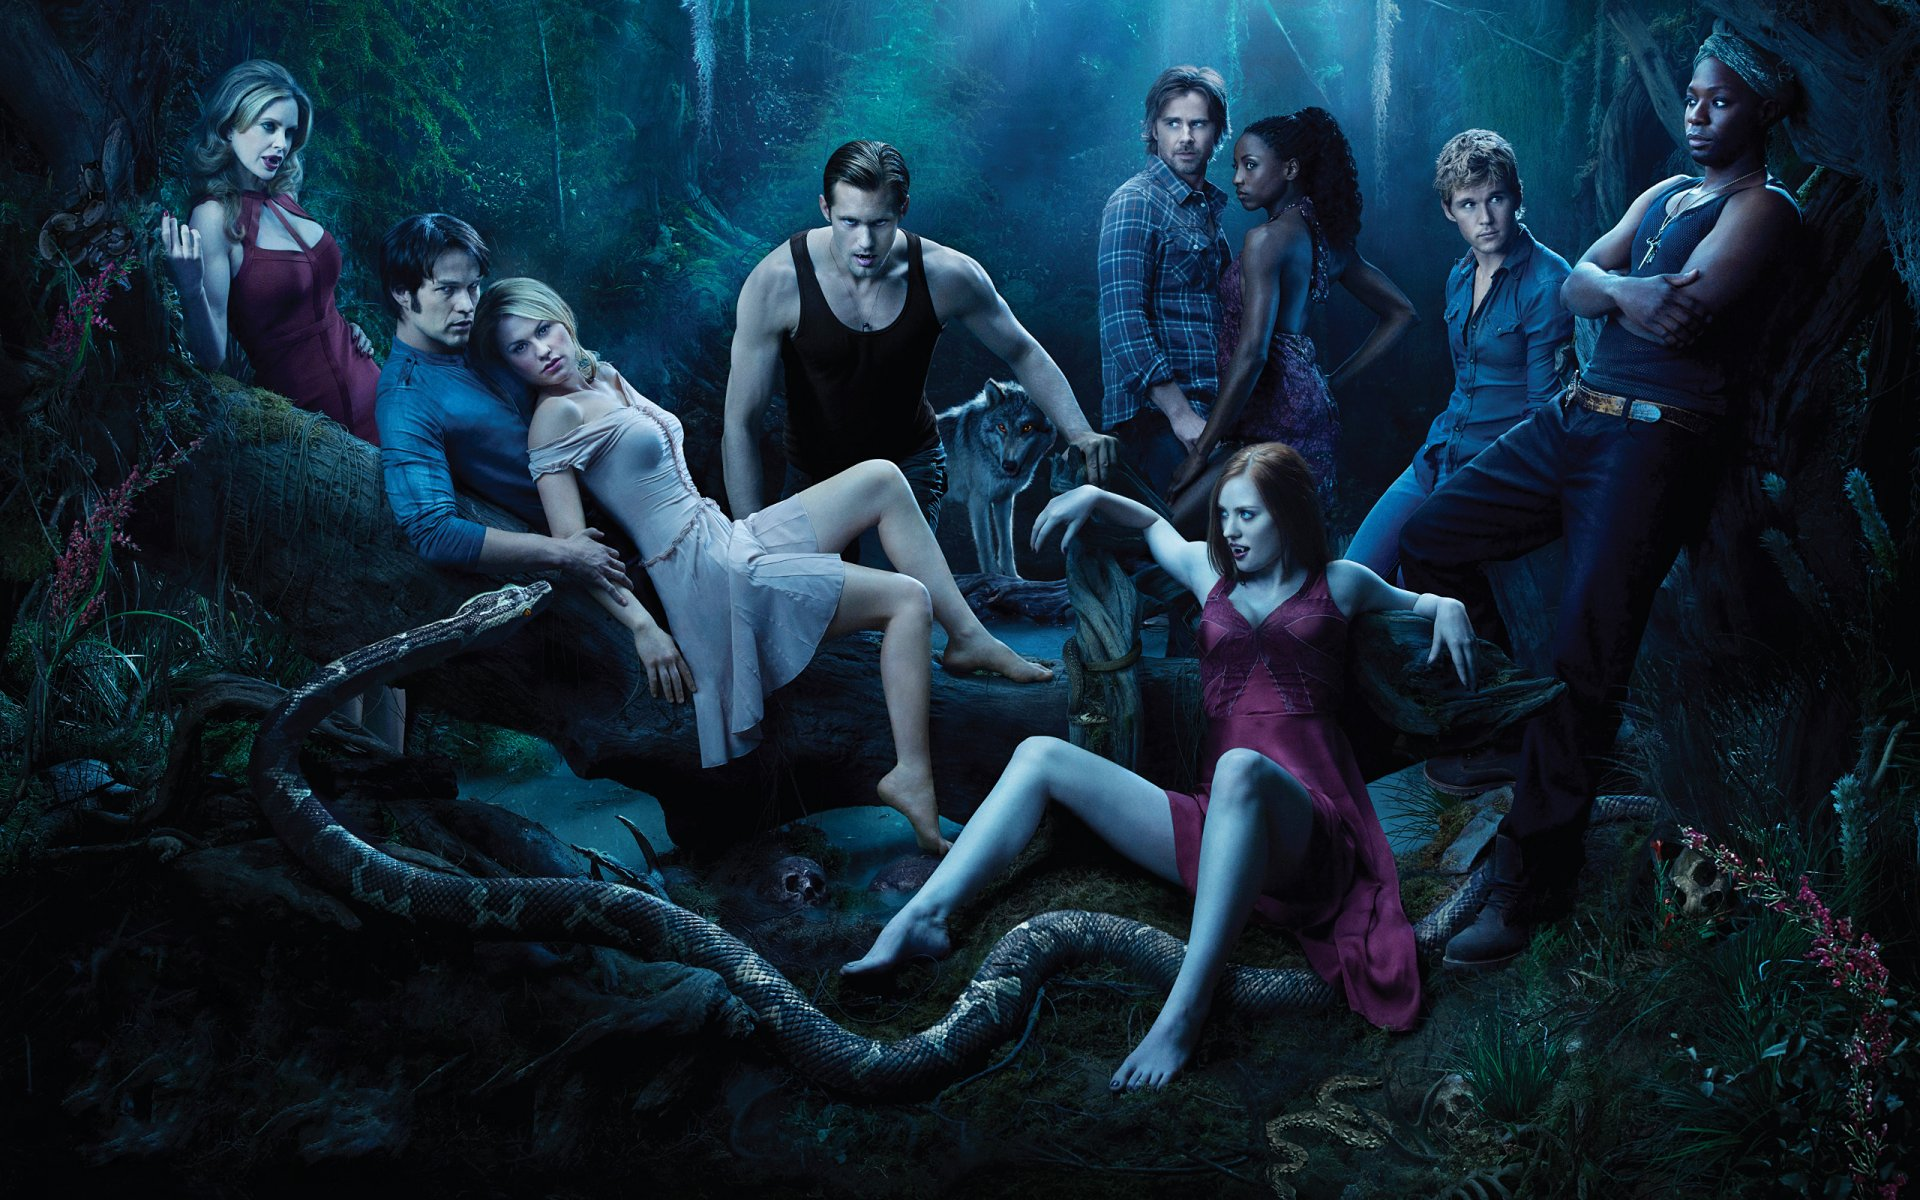 Vampire nudity sex movies